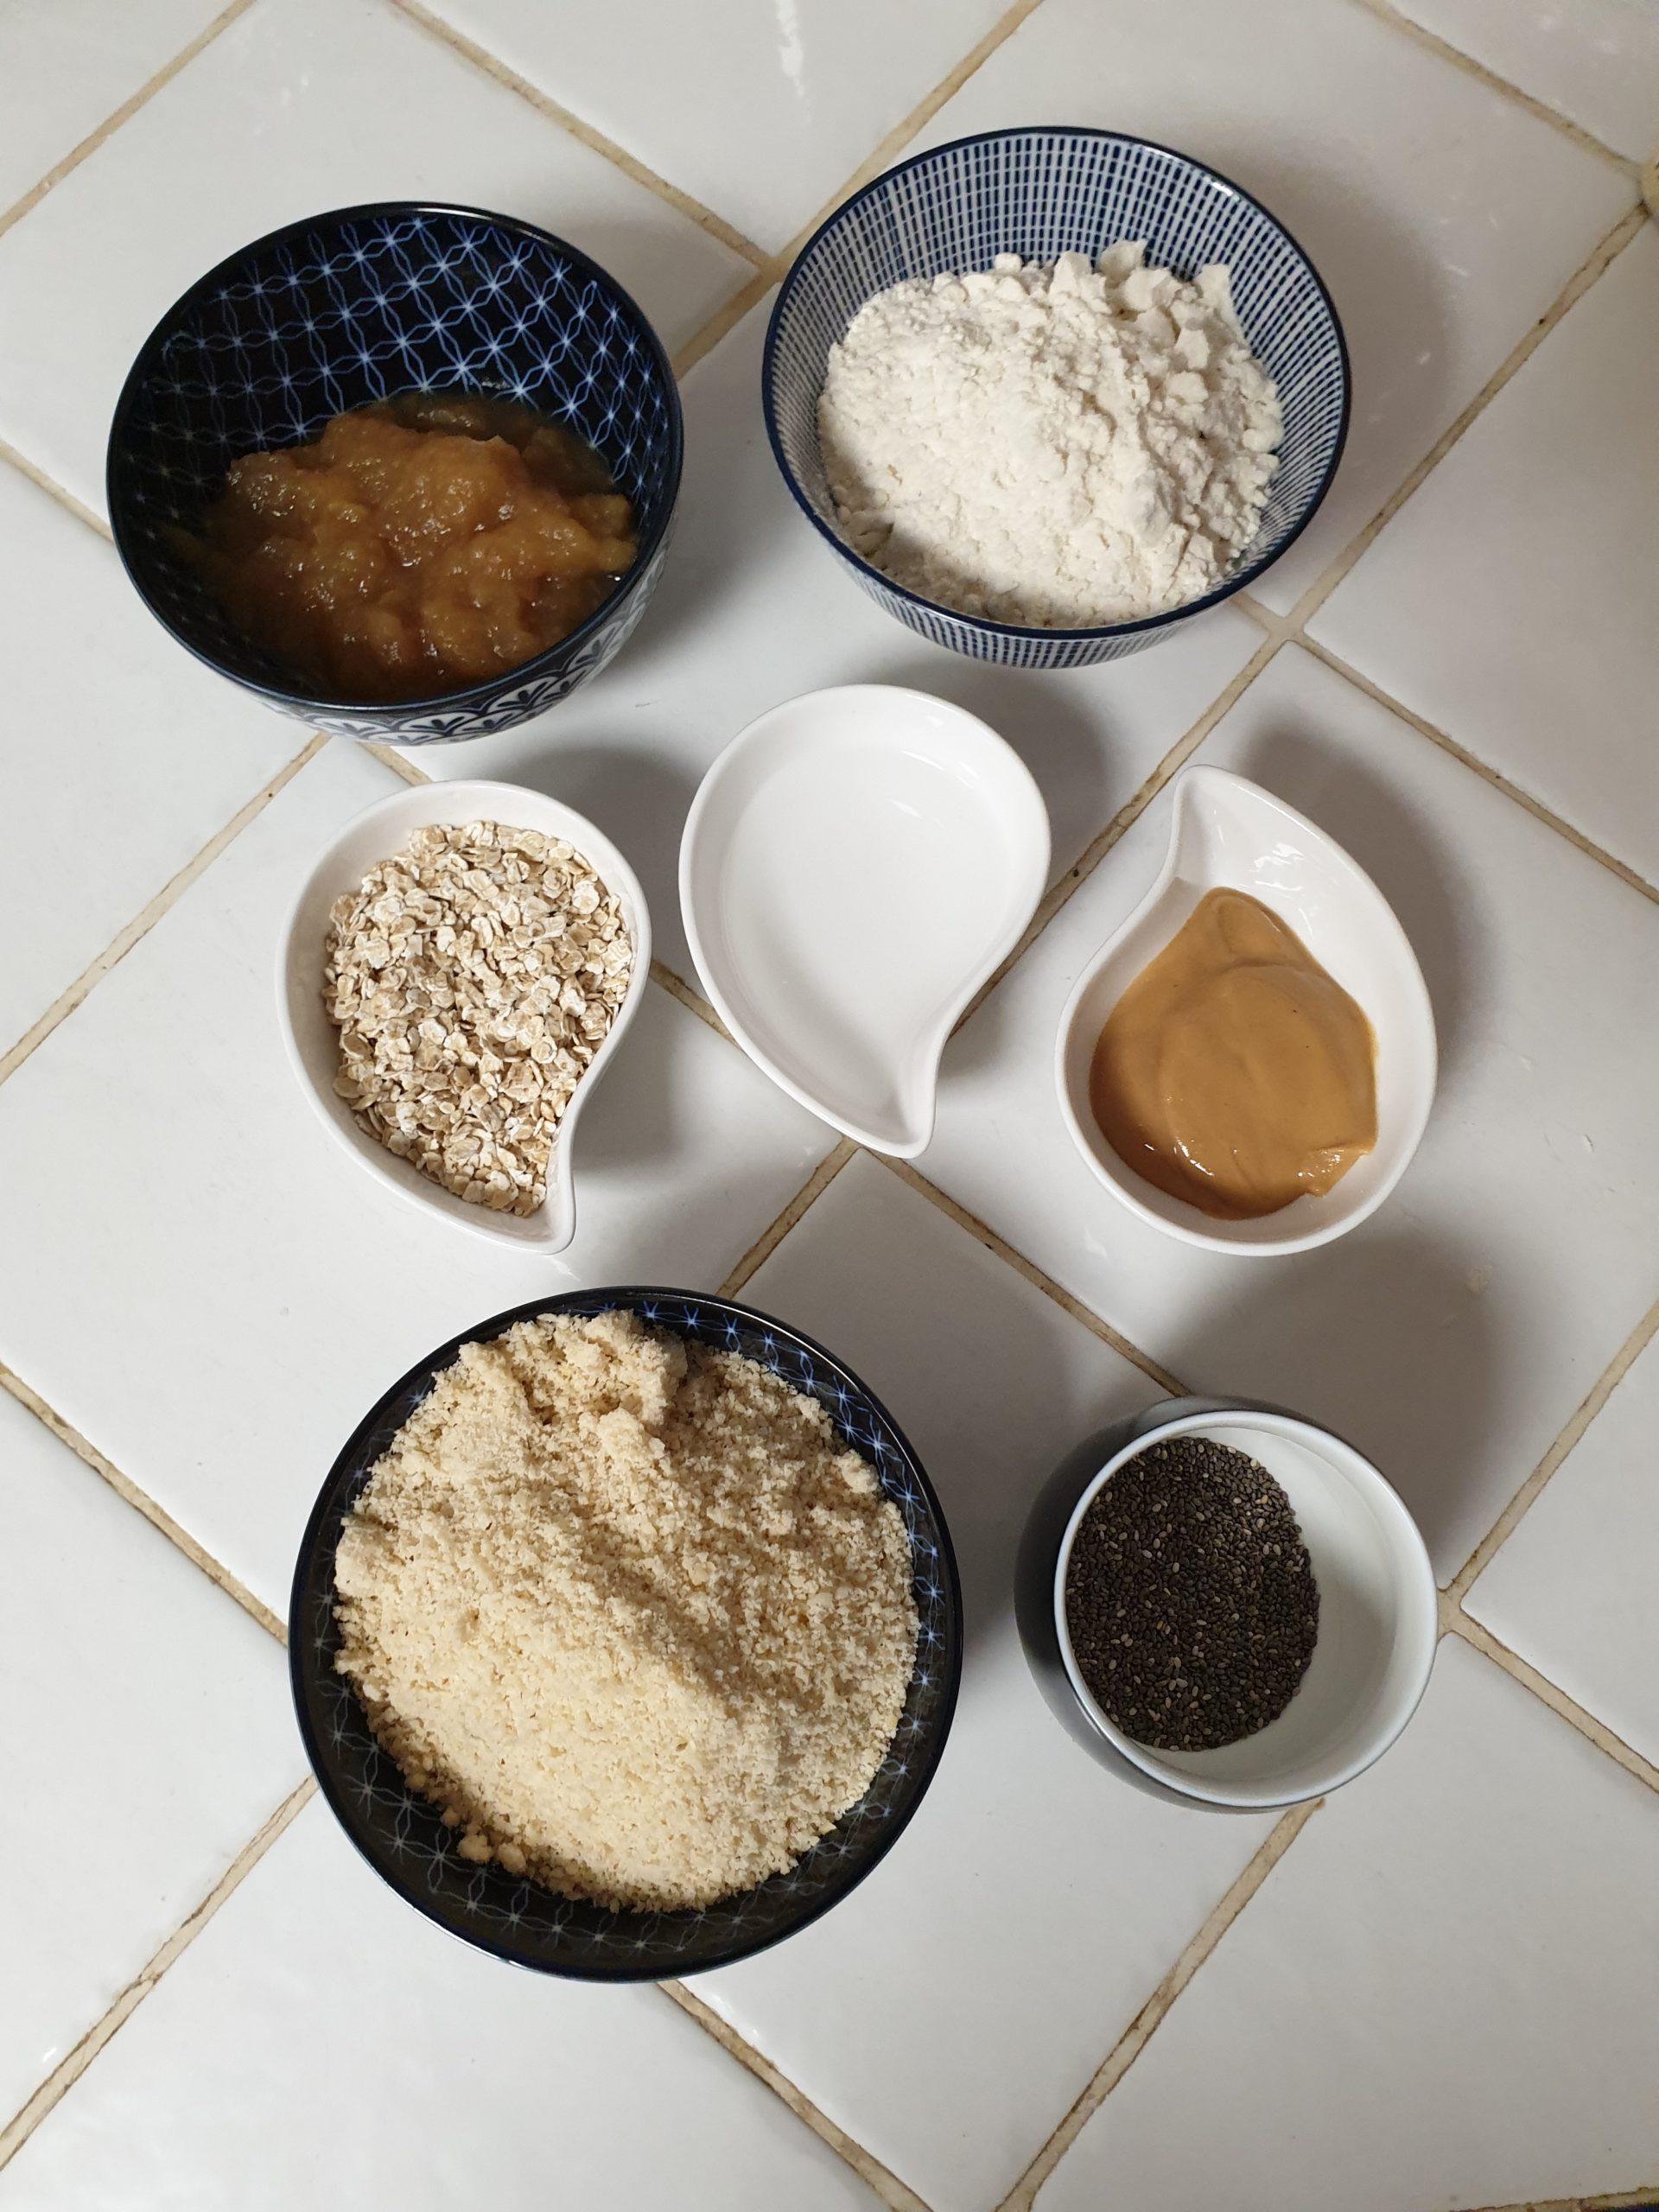 ingrédient pâte brisée healthy